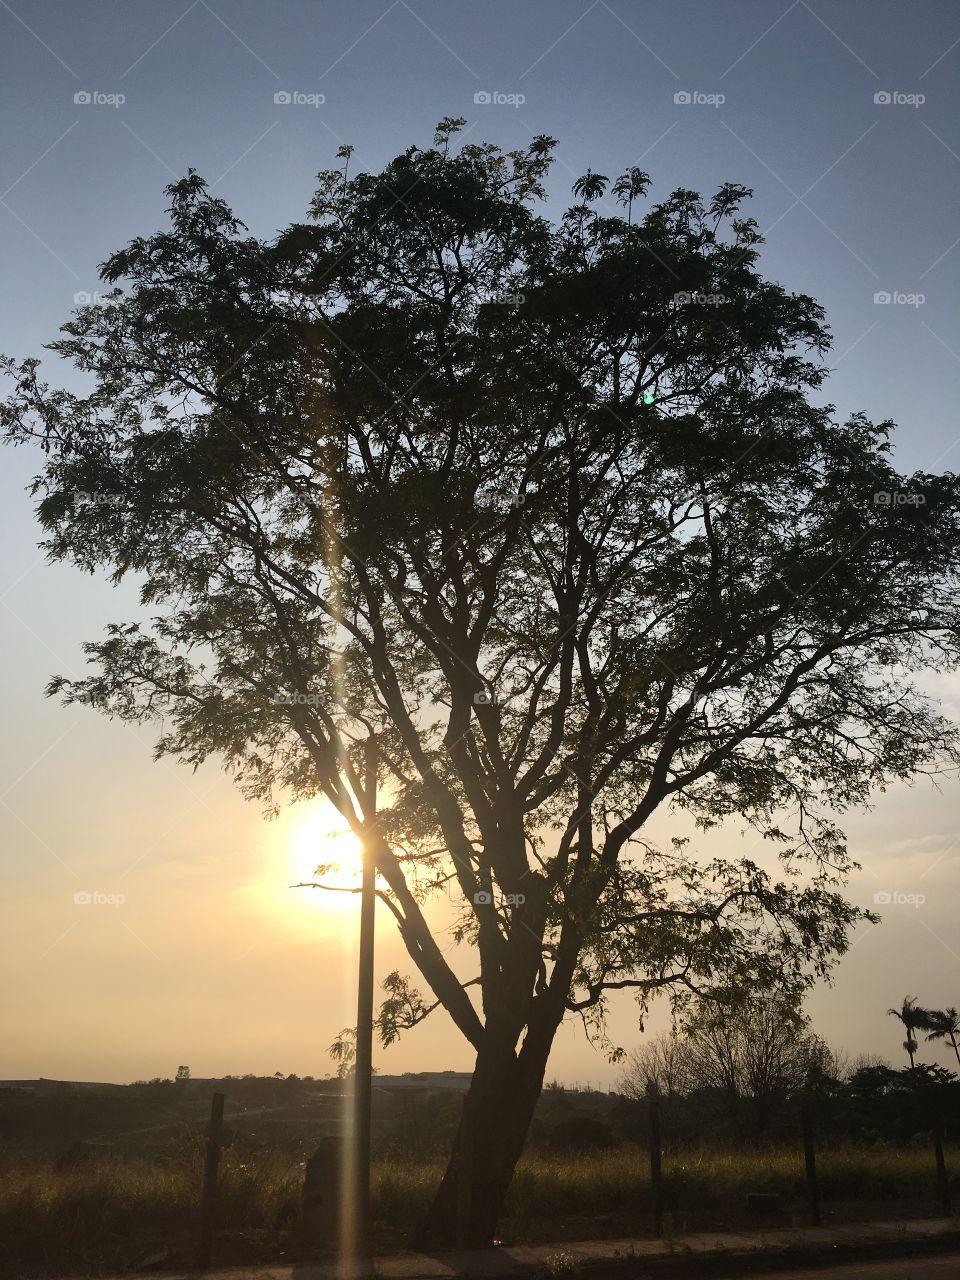 🌅Desperta, #Jundiaí! Ótima 6a feira a todos. 🍃 #sol #sun #sky #céu #photo #nature #manhã #morning #alvorada #natureza #horizonte #fotografia #paisagem #inspiração #amanhecer #mobgraphy #FotografeiEmJundiaí